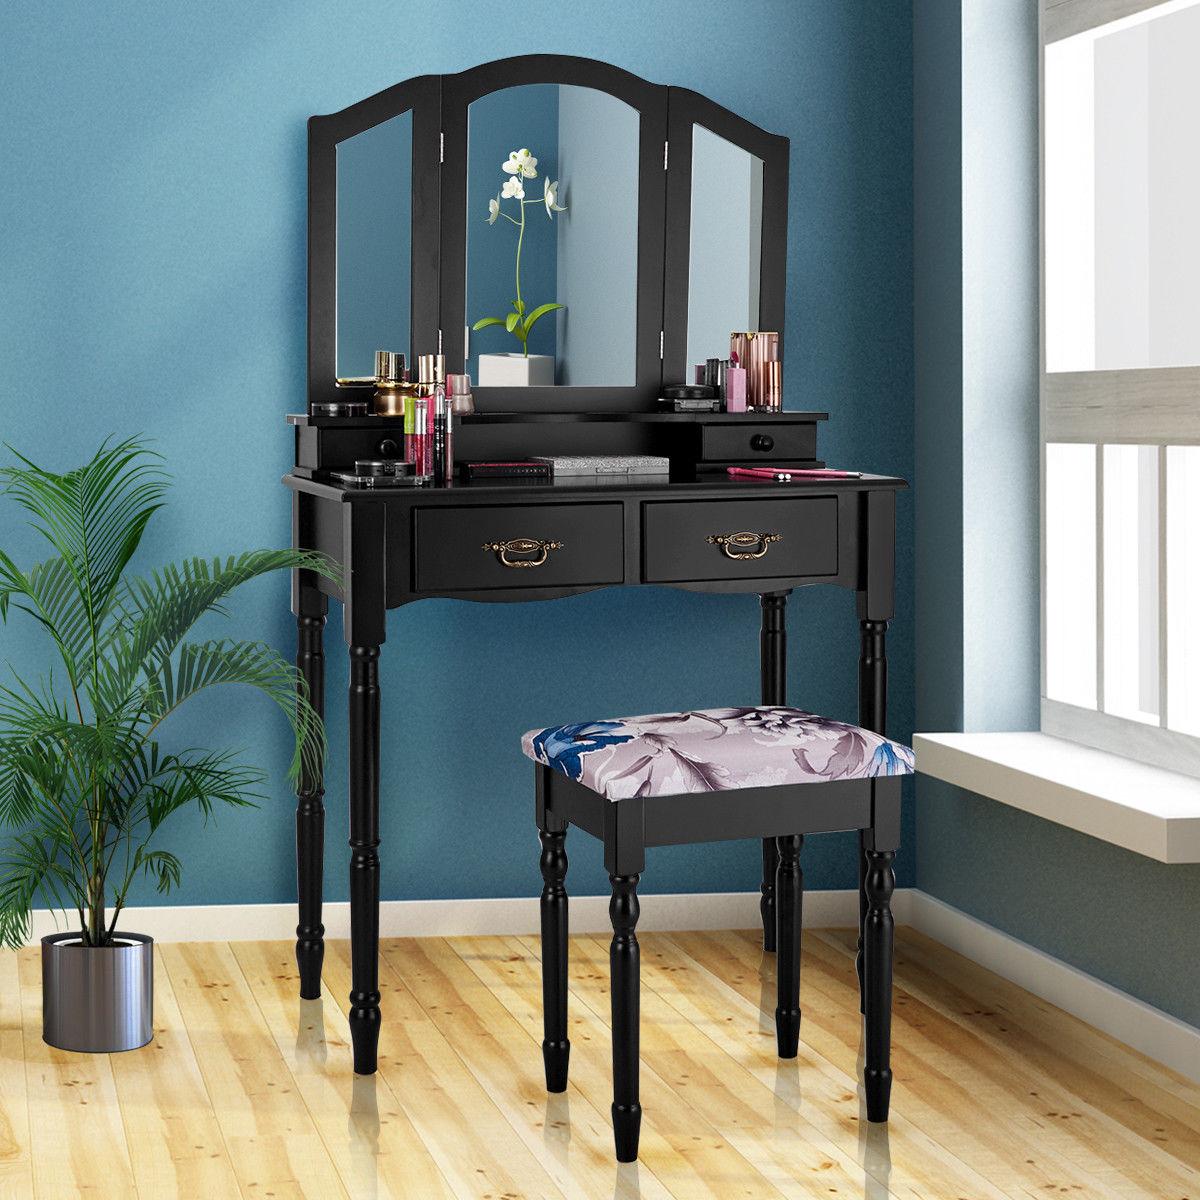 Costway Black Tri Folding Mirror Vanity Makeup Table Stool Set Bathroom W 4 Drawers